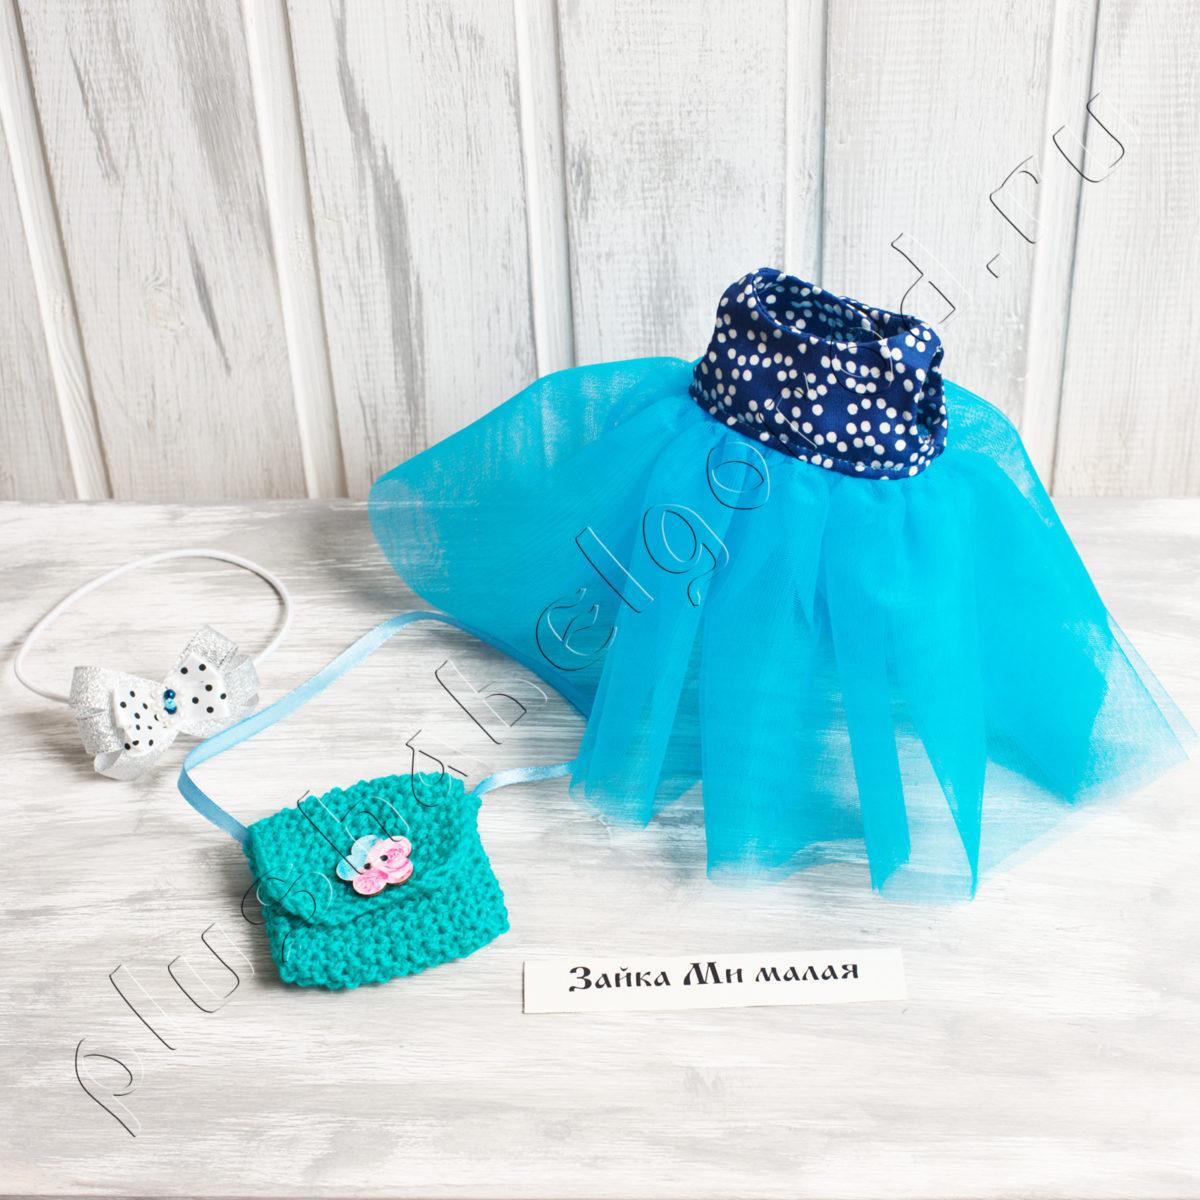 Платье, сумочка и бантик на голову